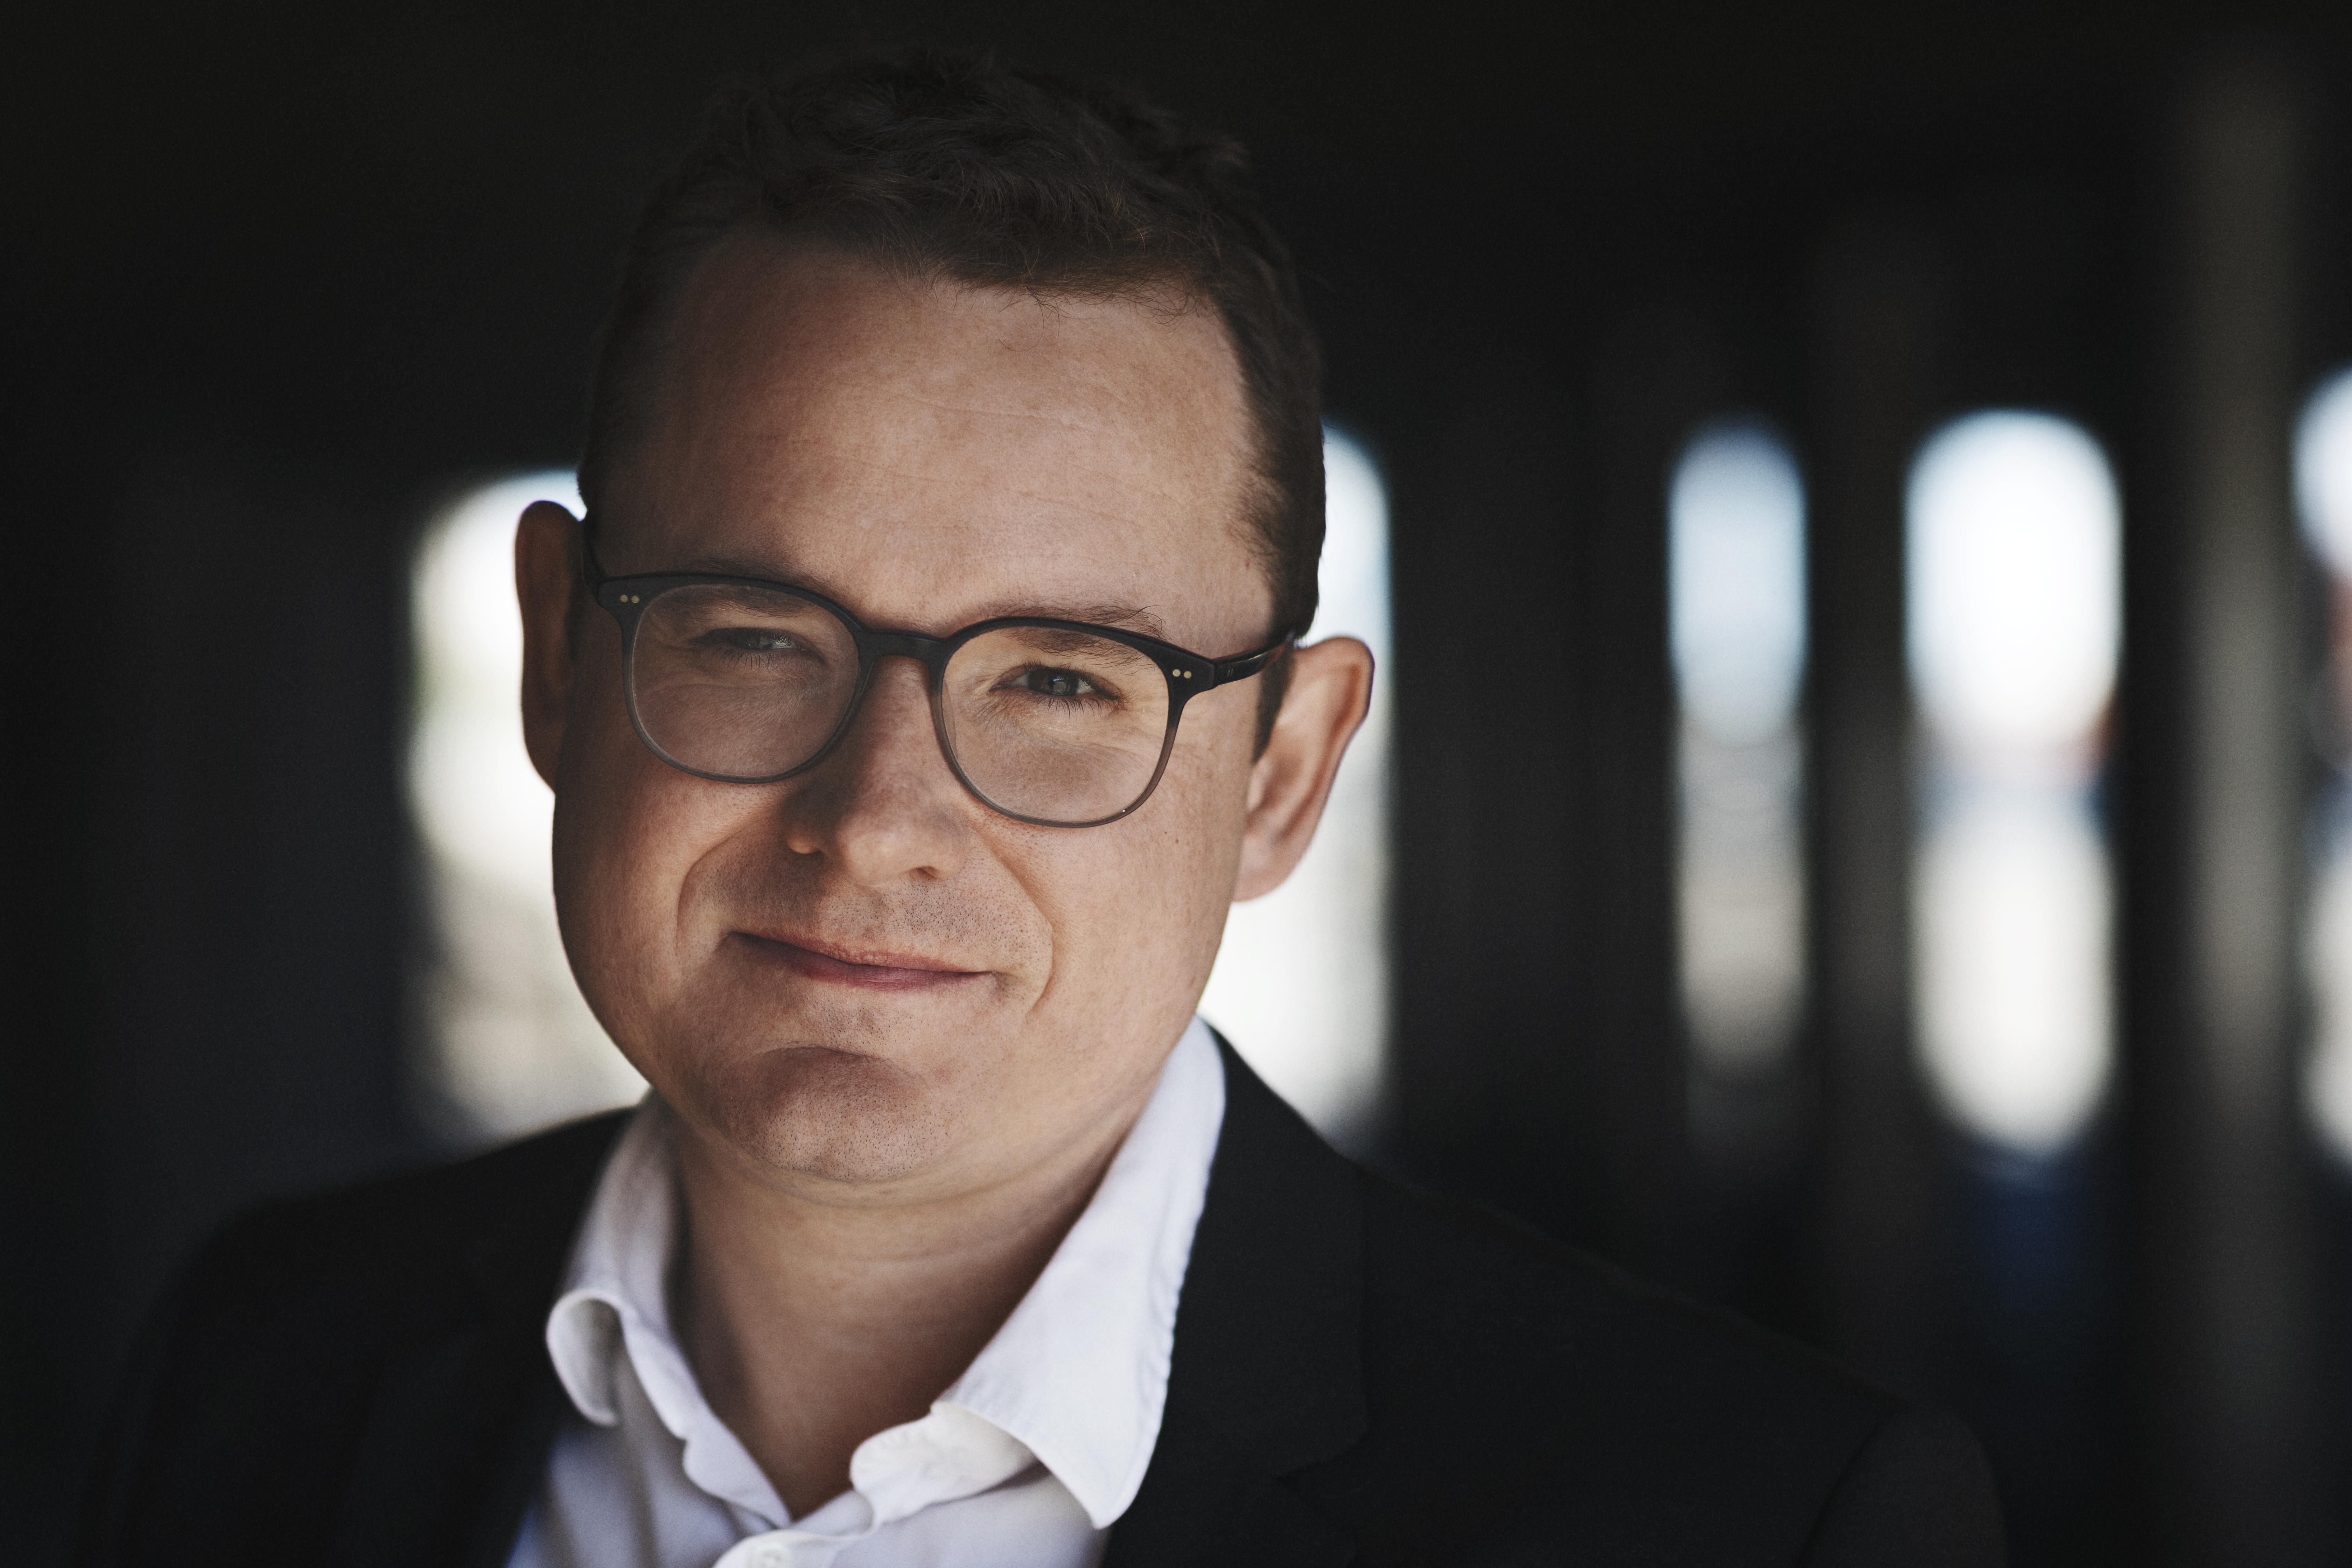 Mads Møller er i dag 36 år gammel (Foto: Büro Jantzen).